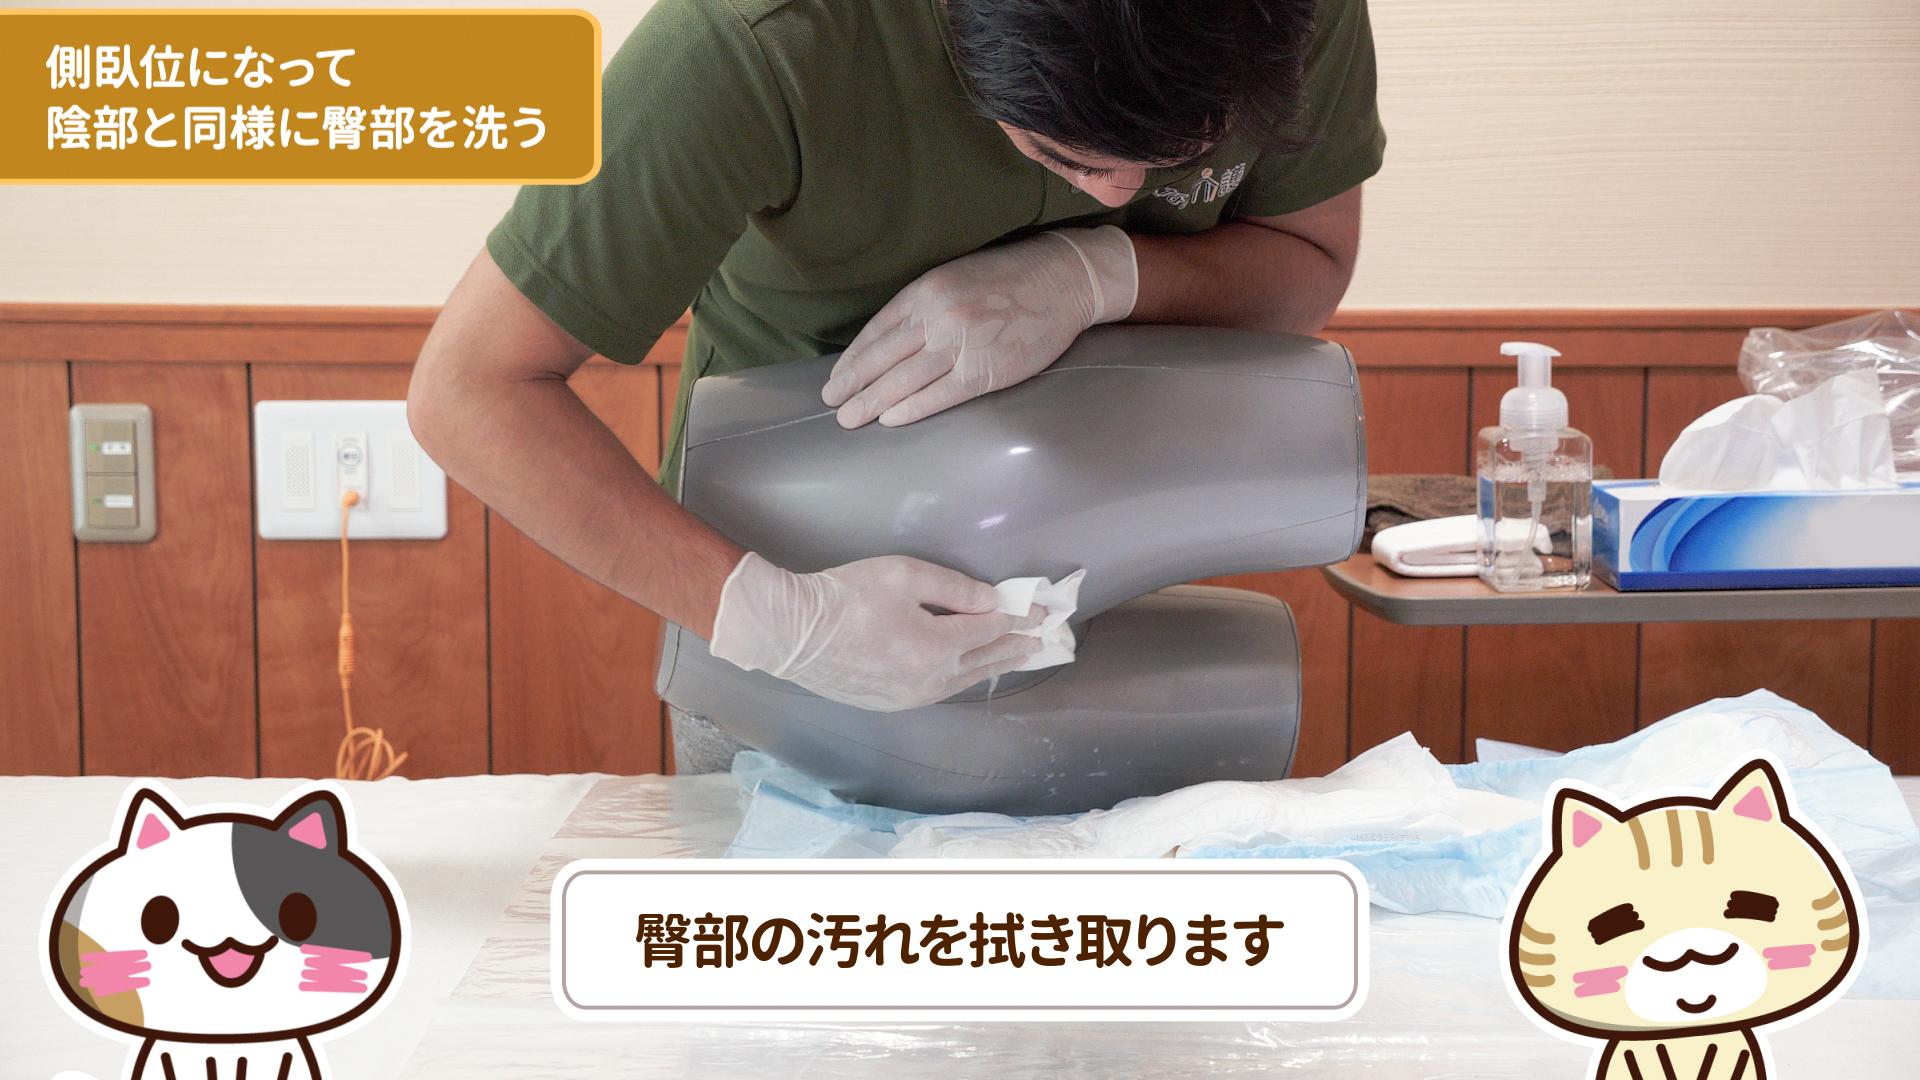 臀部の汚れを拭き取るのイメージ